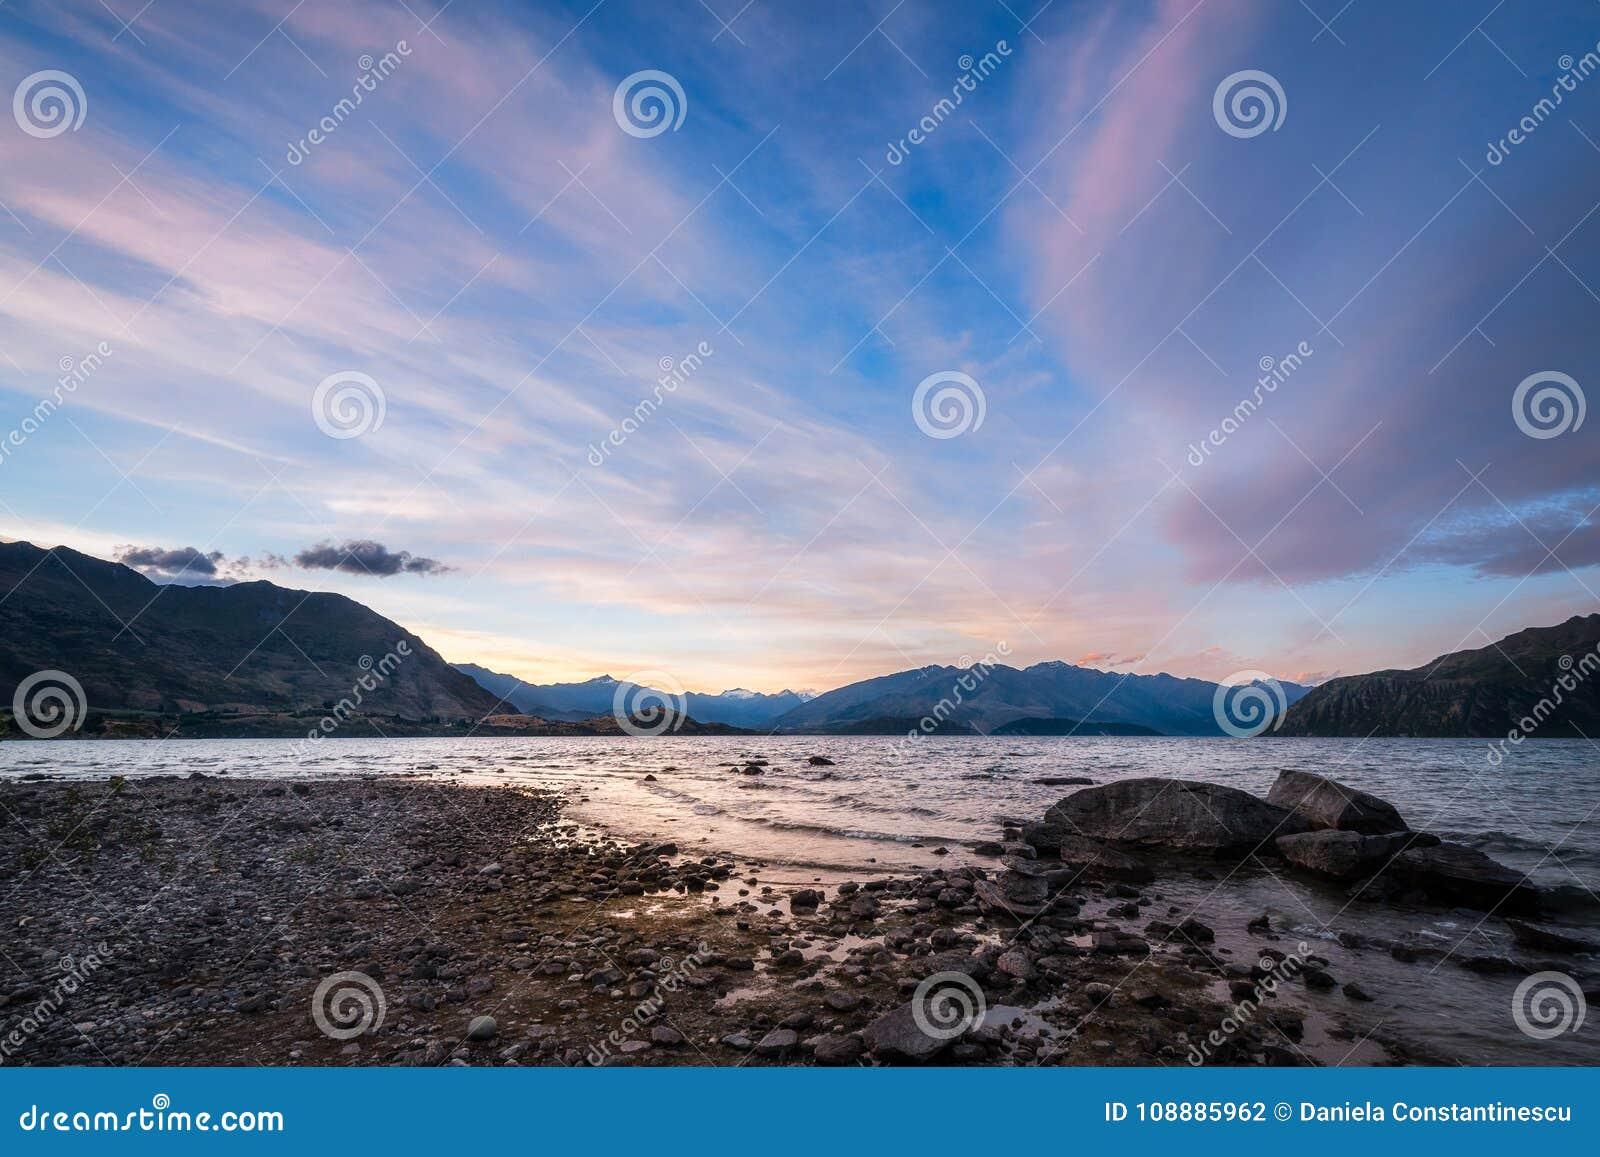 Summer Sunset at Lake Wanaka